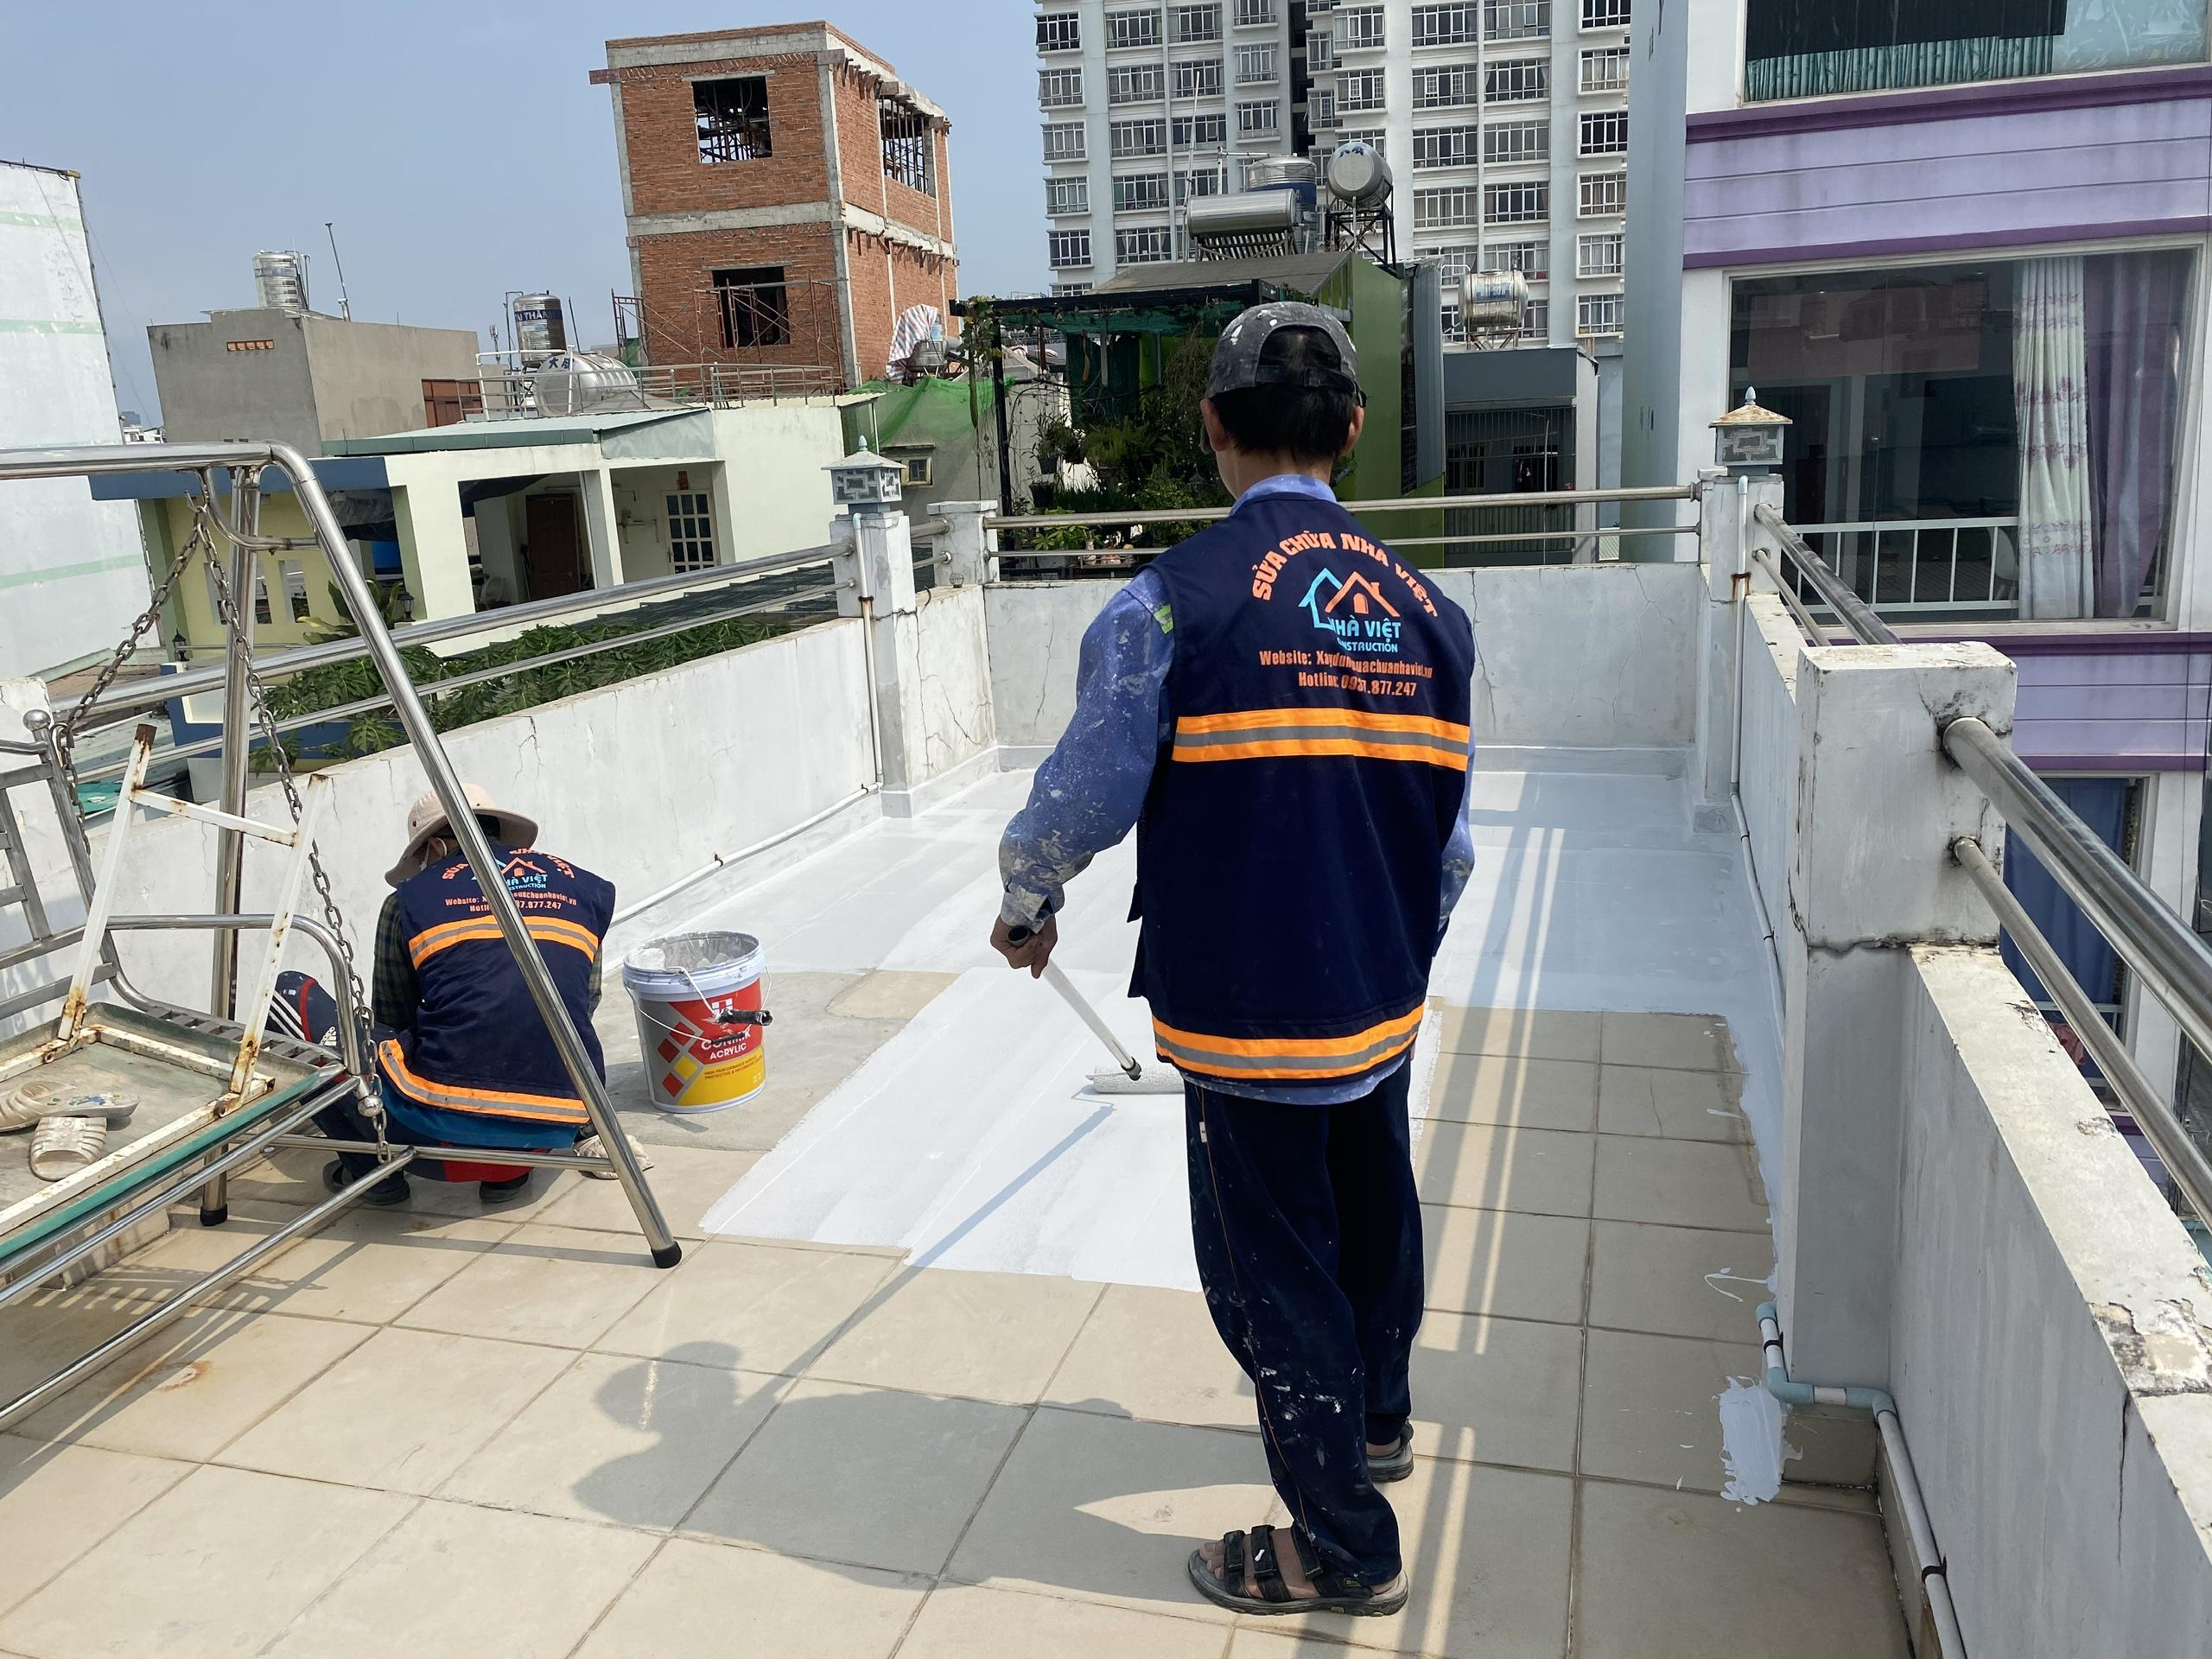 dich vu chong tham san thuong chung cu biet thu 11 - Dịch vụ chống thấm sân thượng chung cư bảo hành 5 năm